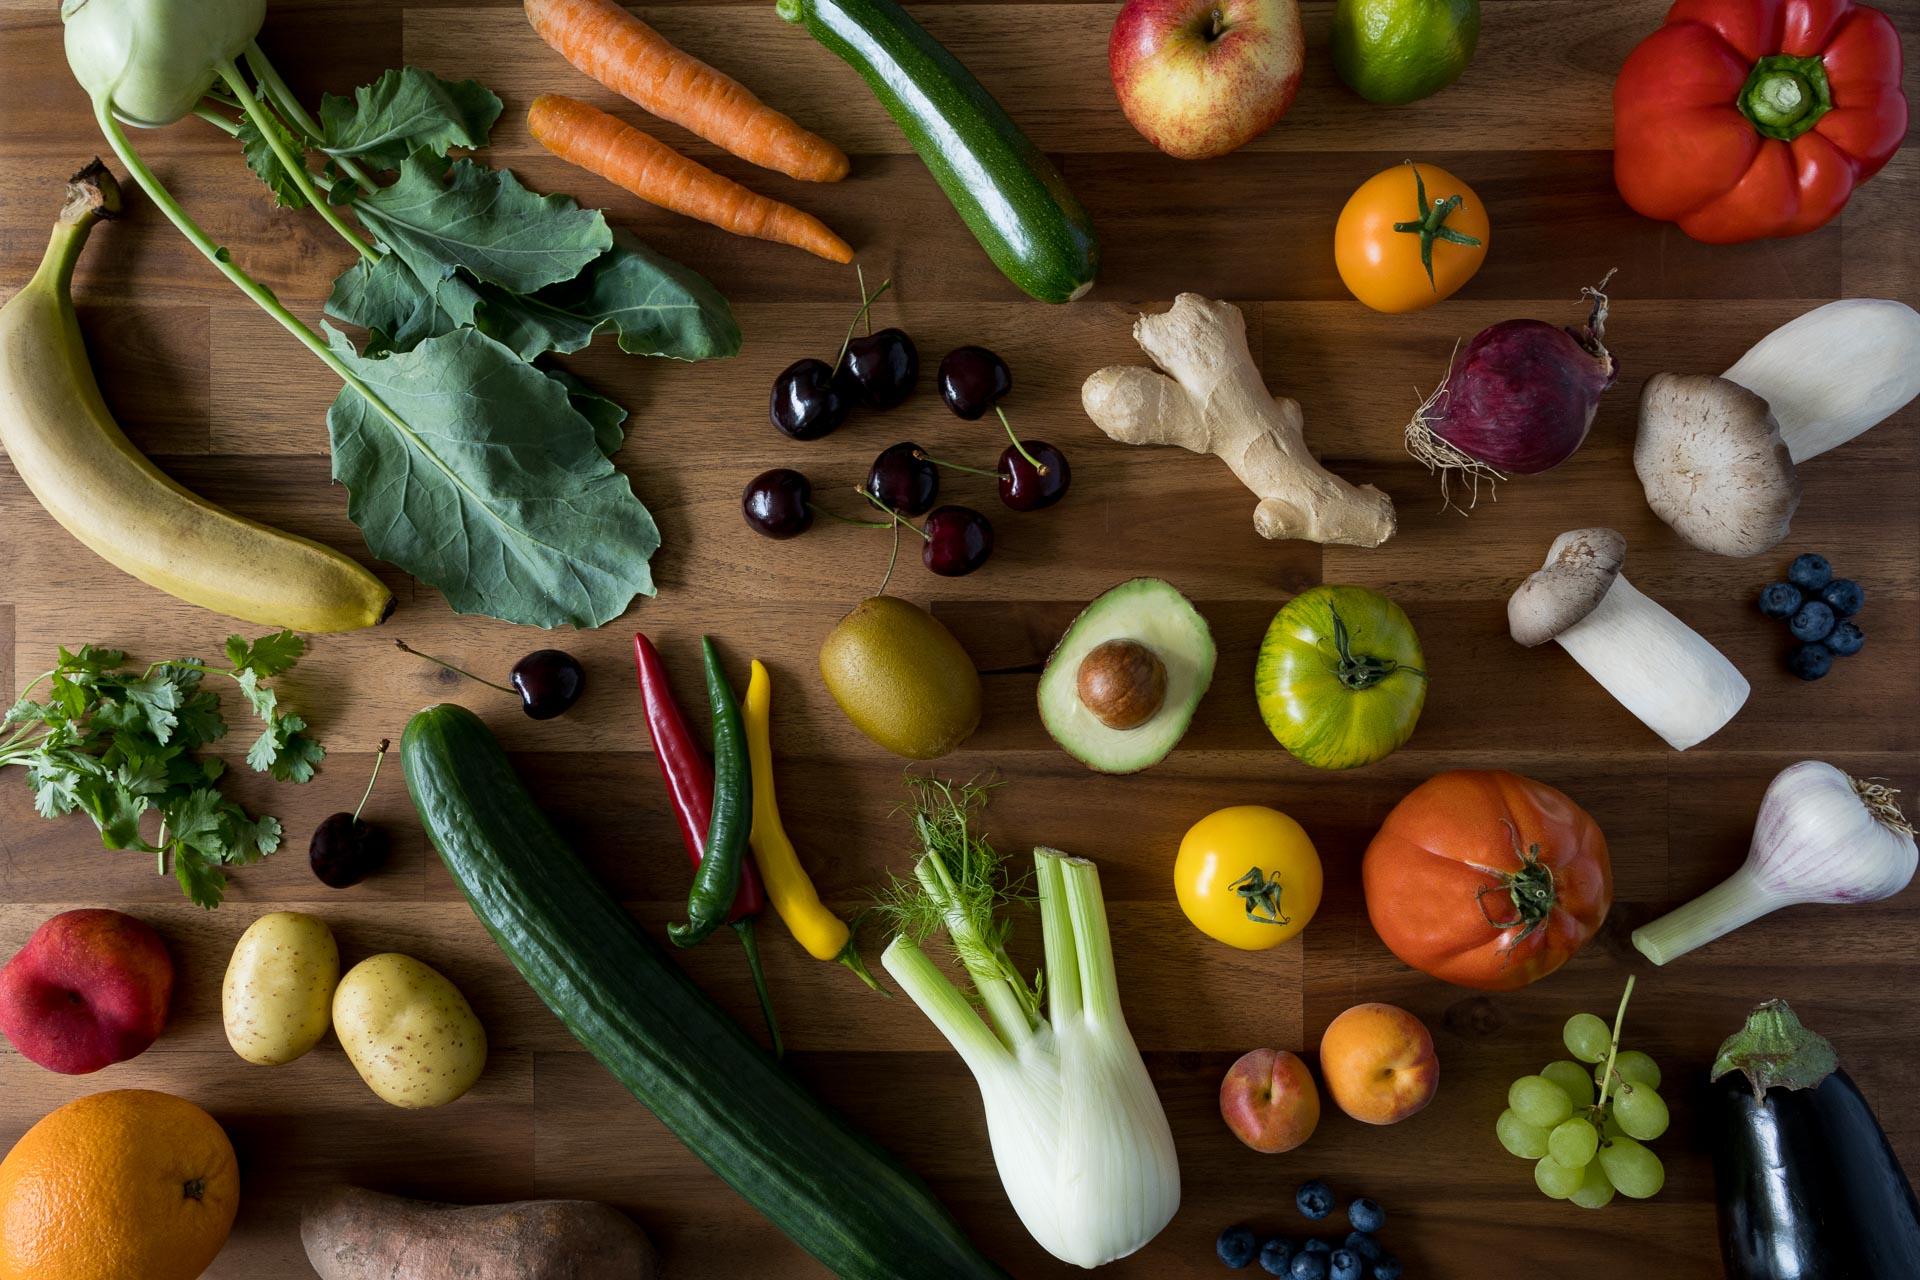 Gemüse Platte von oben